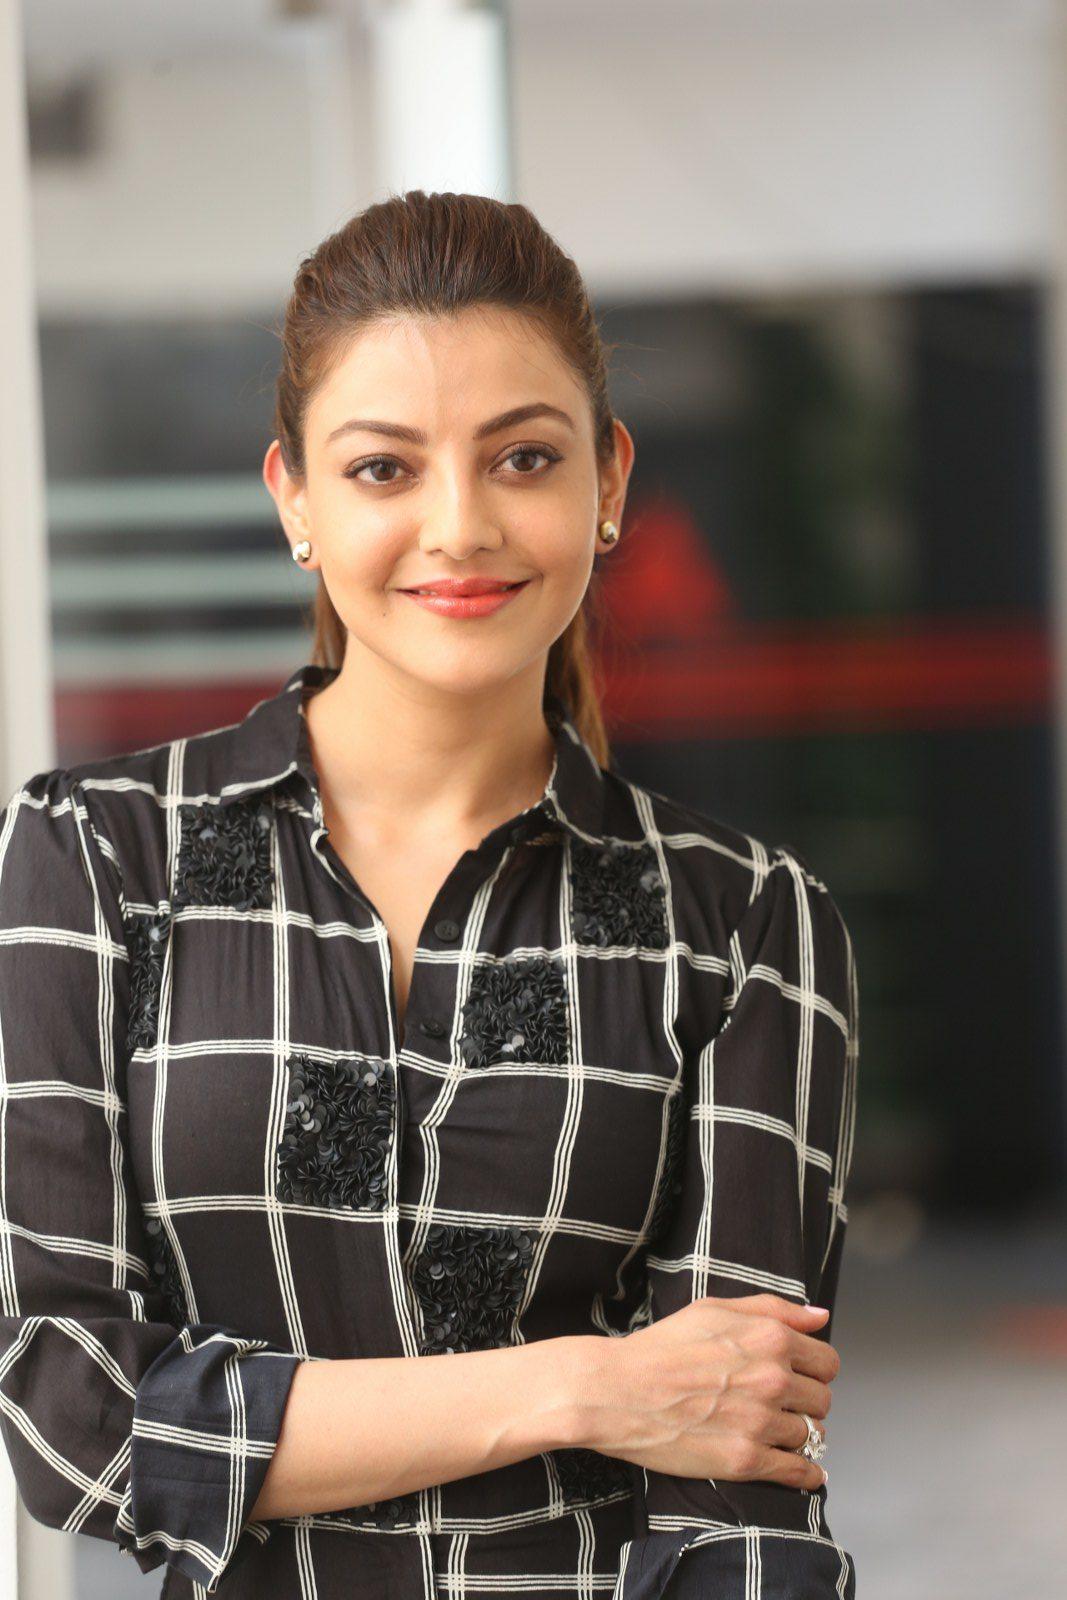 కాజల్ అగర్వాల్ లేటెస్ట్ ఫోటోషూట్